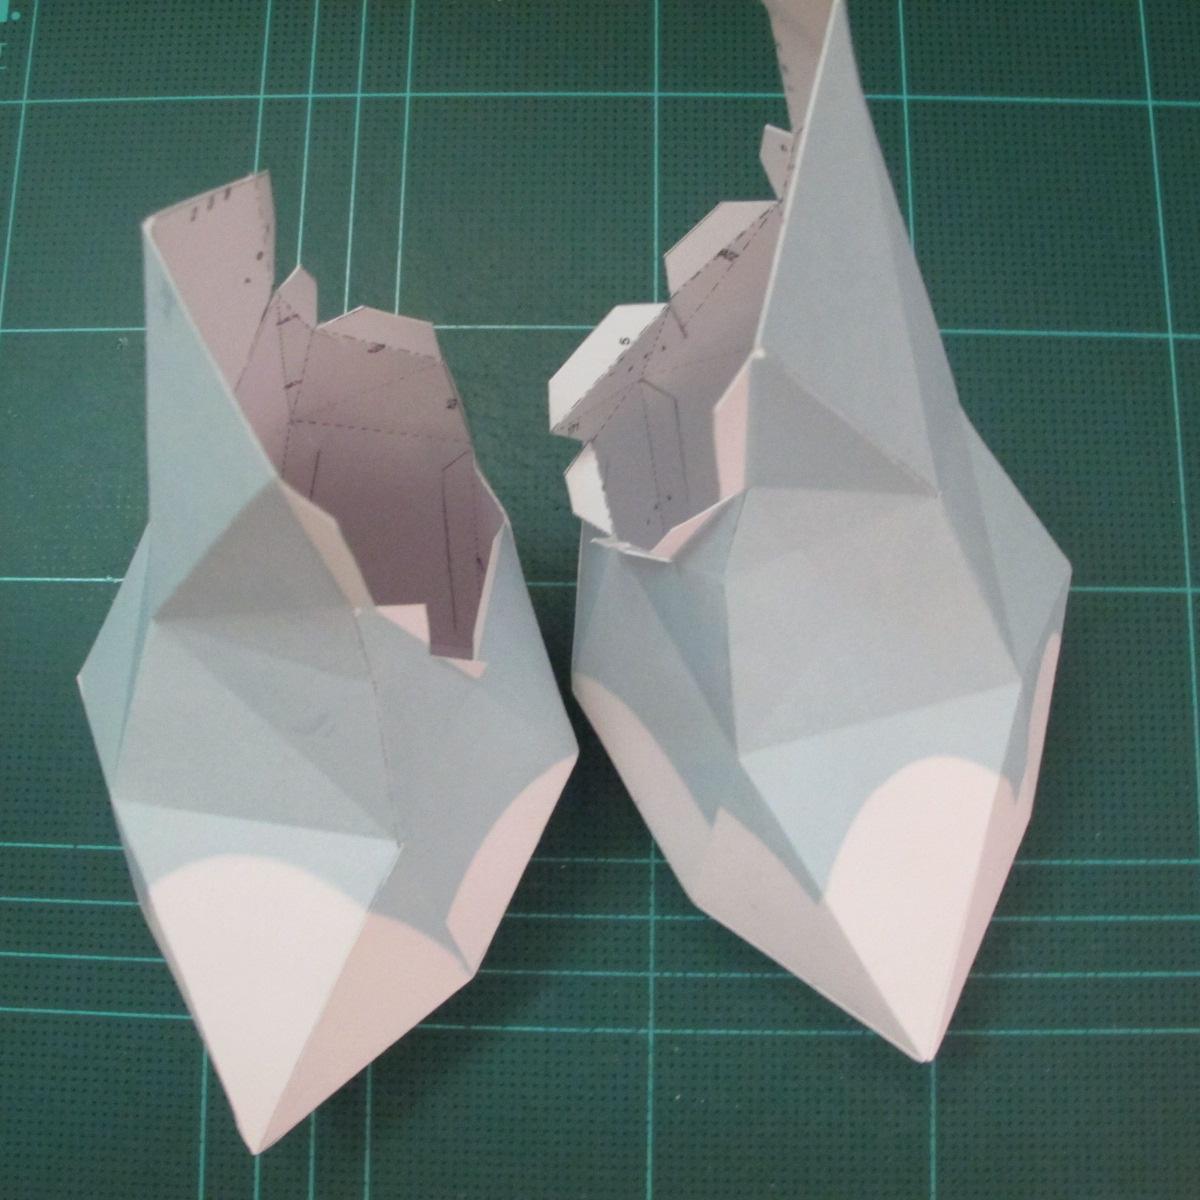 วิธีทำโมเดลกระดาษตุ้กตาคุกกี้รัน คุกกี้รสจิ้งจอกเก้าหาง (Cookie Run Nine Tails Cookie Papercraft Model) 004